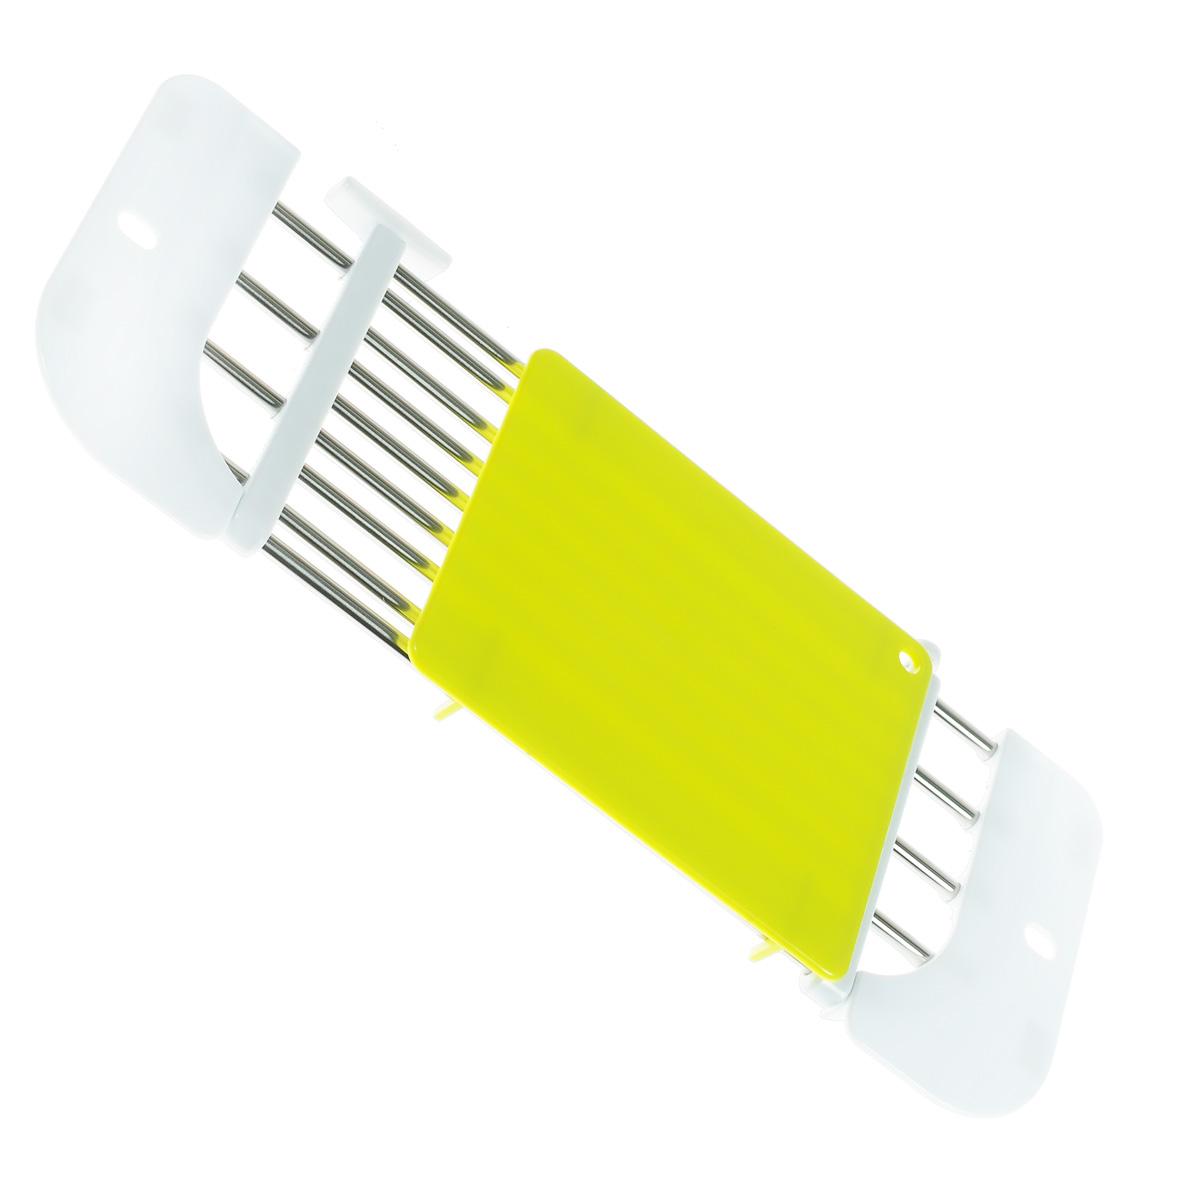 Подставка на раковину Bradex Синк Мастер, с разделочной доской, 46-71 х 18 х 2 смTK 0112Подставка на раковину Bradex Синк Мастер изготовлена из нержавеющей стали и высокопрочного пластика. Это дополнительная рабочая поверхность на кухне. Выполненная из нержавеющей стали подставка регулируется в зависимости от размера раковины. Подставка невероятно компактна и идеально впишется в интерьер даже самой маленькой кухни. Она незаменима для хозяек, которые не терпят грязи. Вам больше не придется ходить через всю кухню с мытыми овощами, оставляя за собой мокрый след, чтобы нарезать их. Синк Мастер всегда будет у вас под рукой. Готовьте без забот с подставкой на раковину Синк Мастер! Максимальная нагрузка: 5 кг. Размер подставки: 46-71 см х 18 см х 2 см. Размер разделочной доски: 20 см х 16 см.